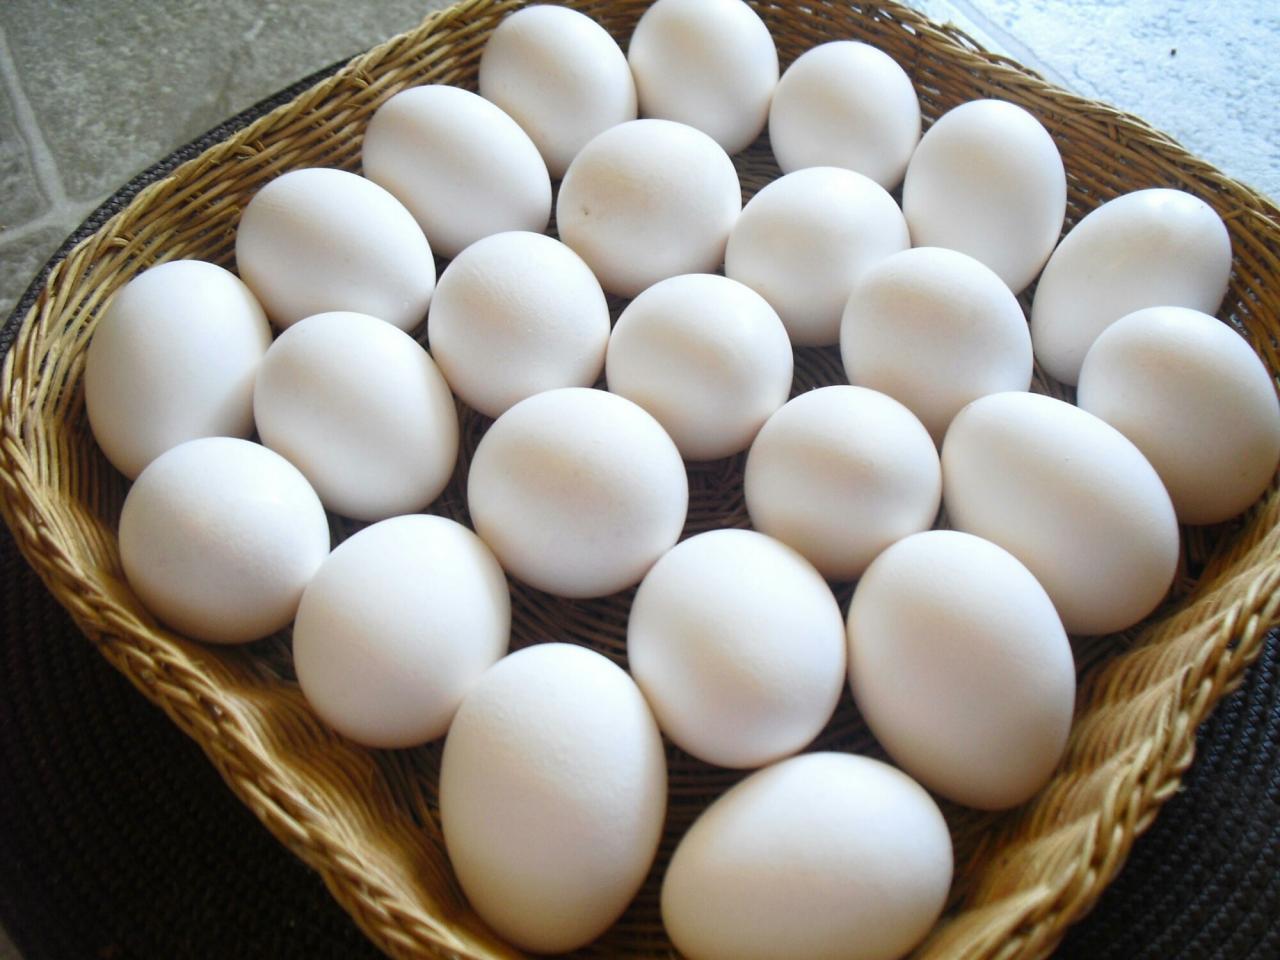 صورة تفسير حلم البيض في الحلم , احلام البيض وتفسيرها